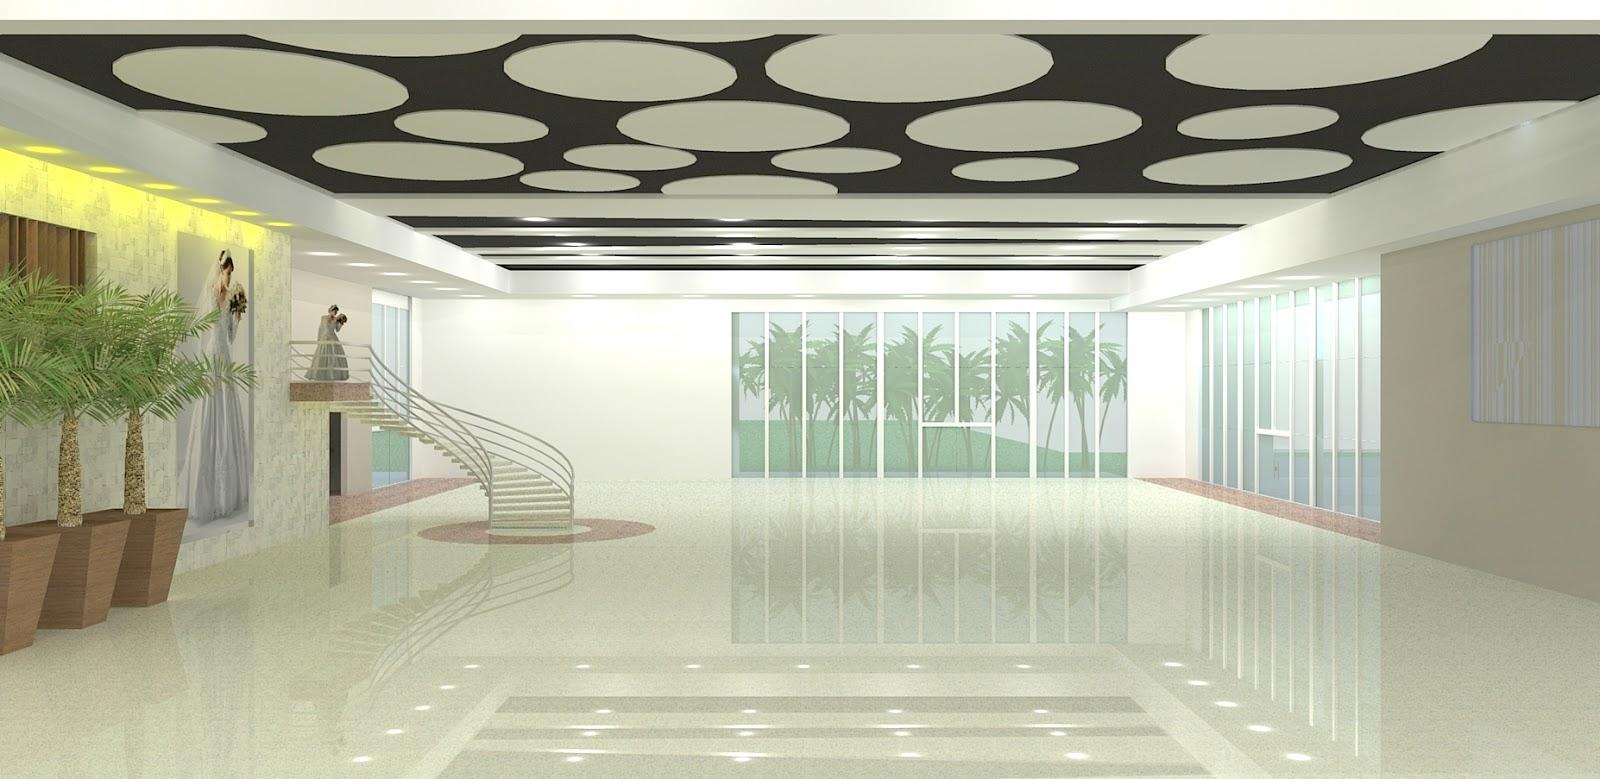 mais novo espaço para festas e eventos corporativos de Brasília  #604C33 1600x779 Banheiro Adaptado Arthur Lima